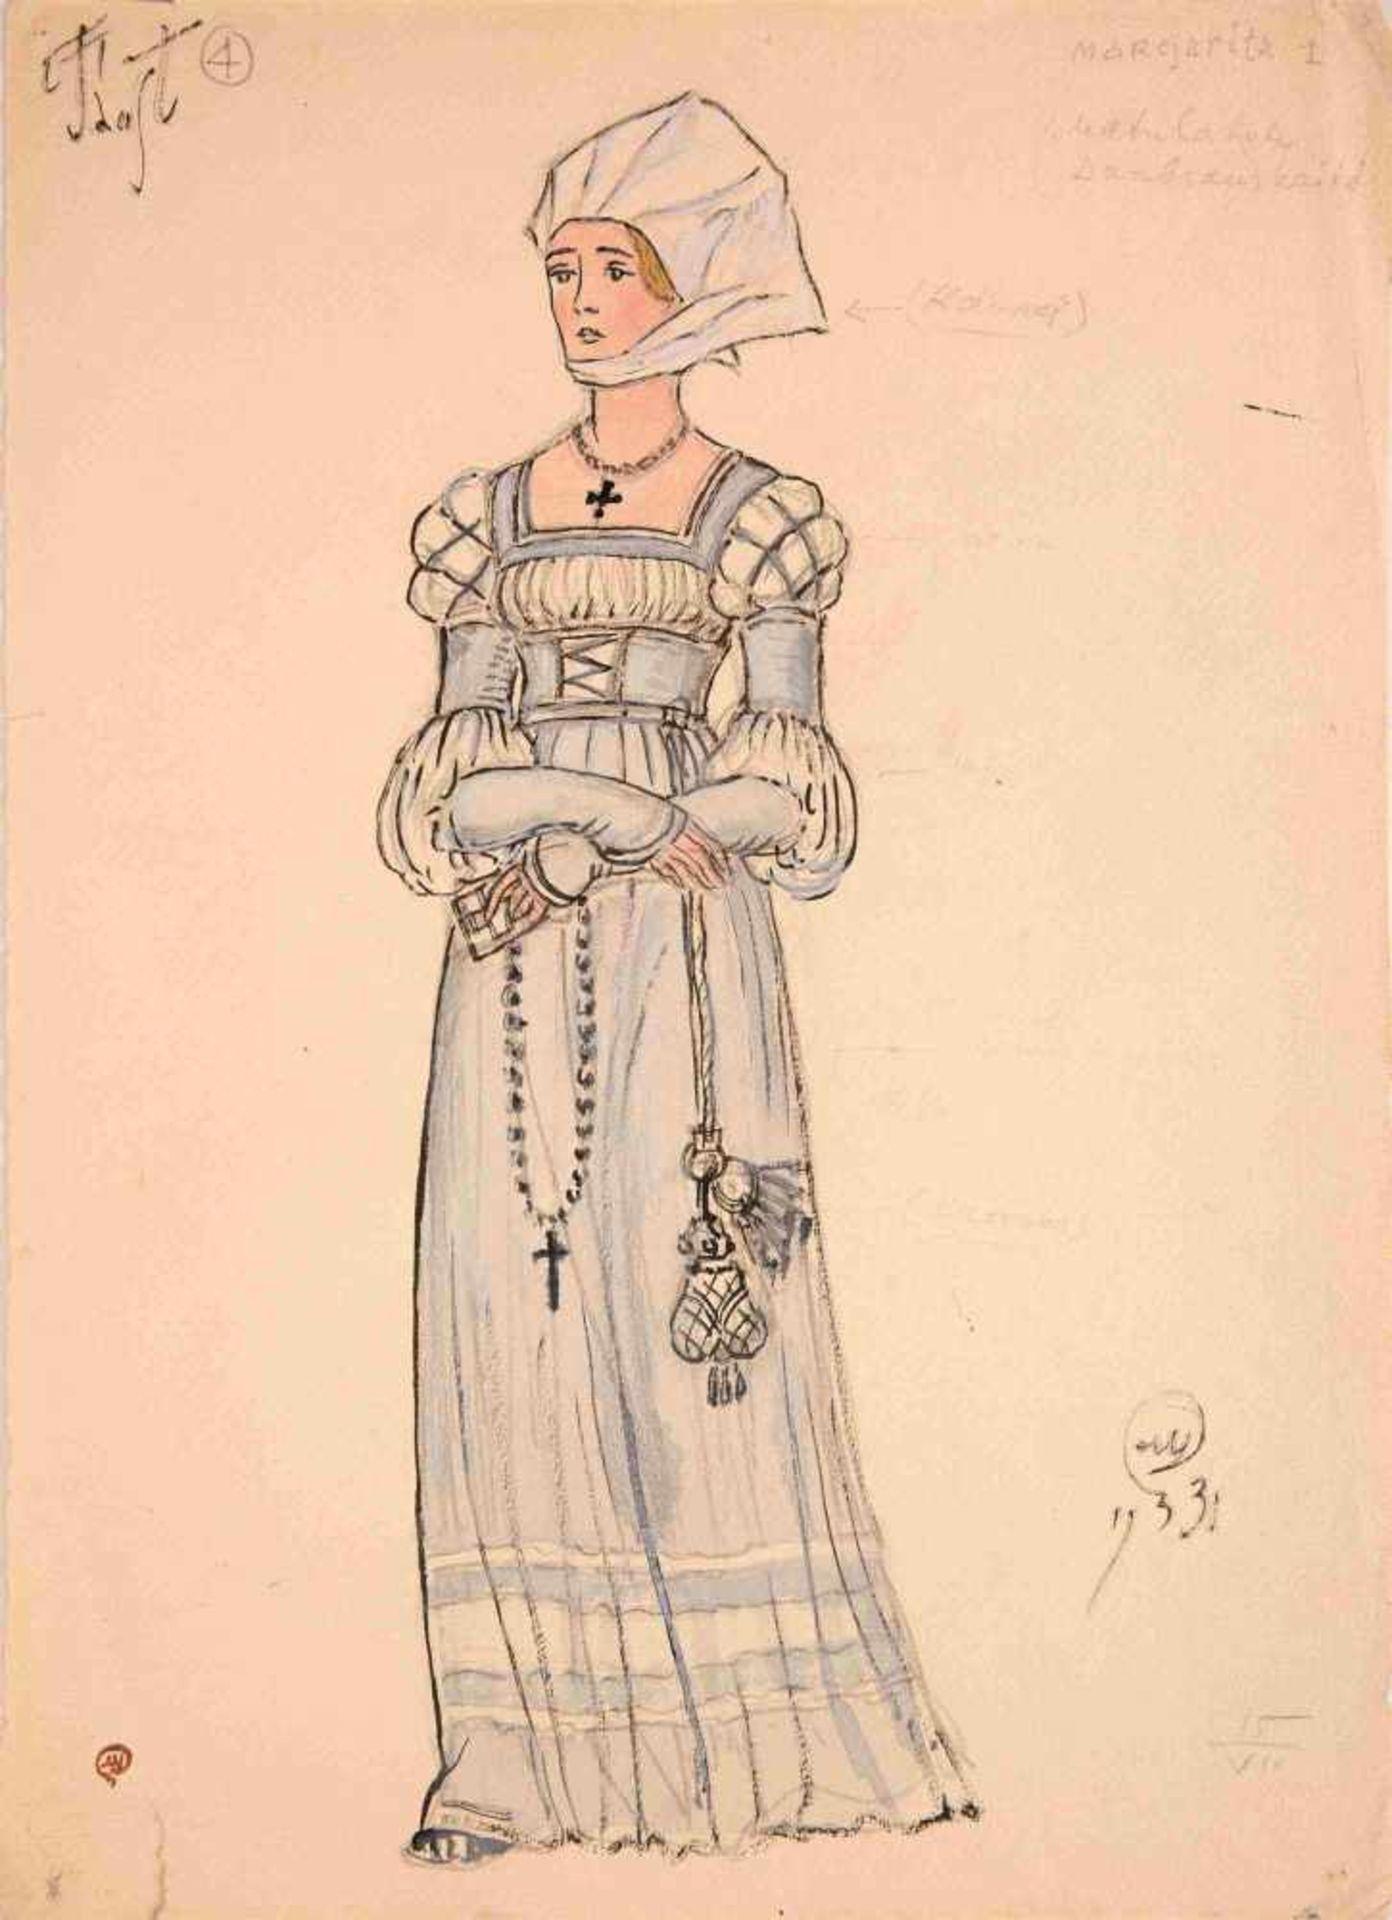 Mstislav Dobuzhinski (1875-1957) Gretchen - Kostümentwurf für die Oper Faust, Inszenierung des